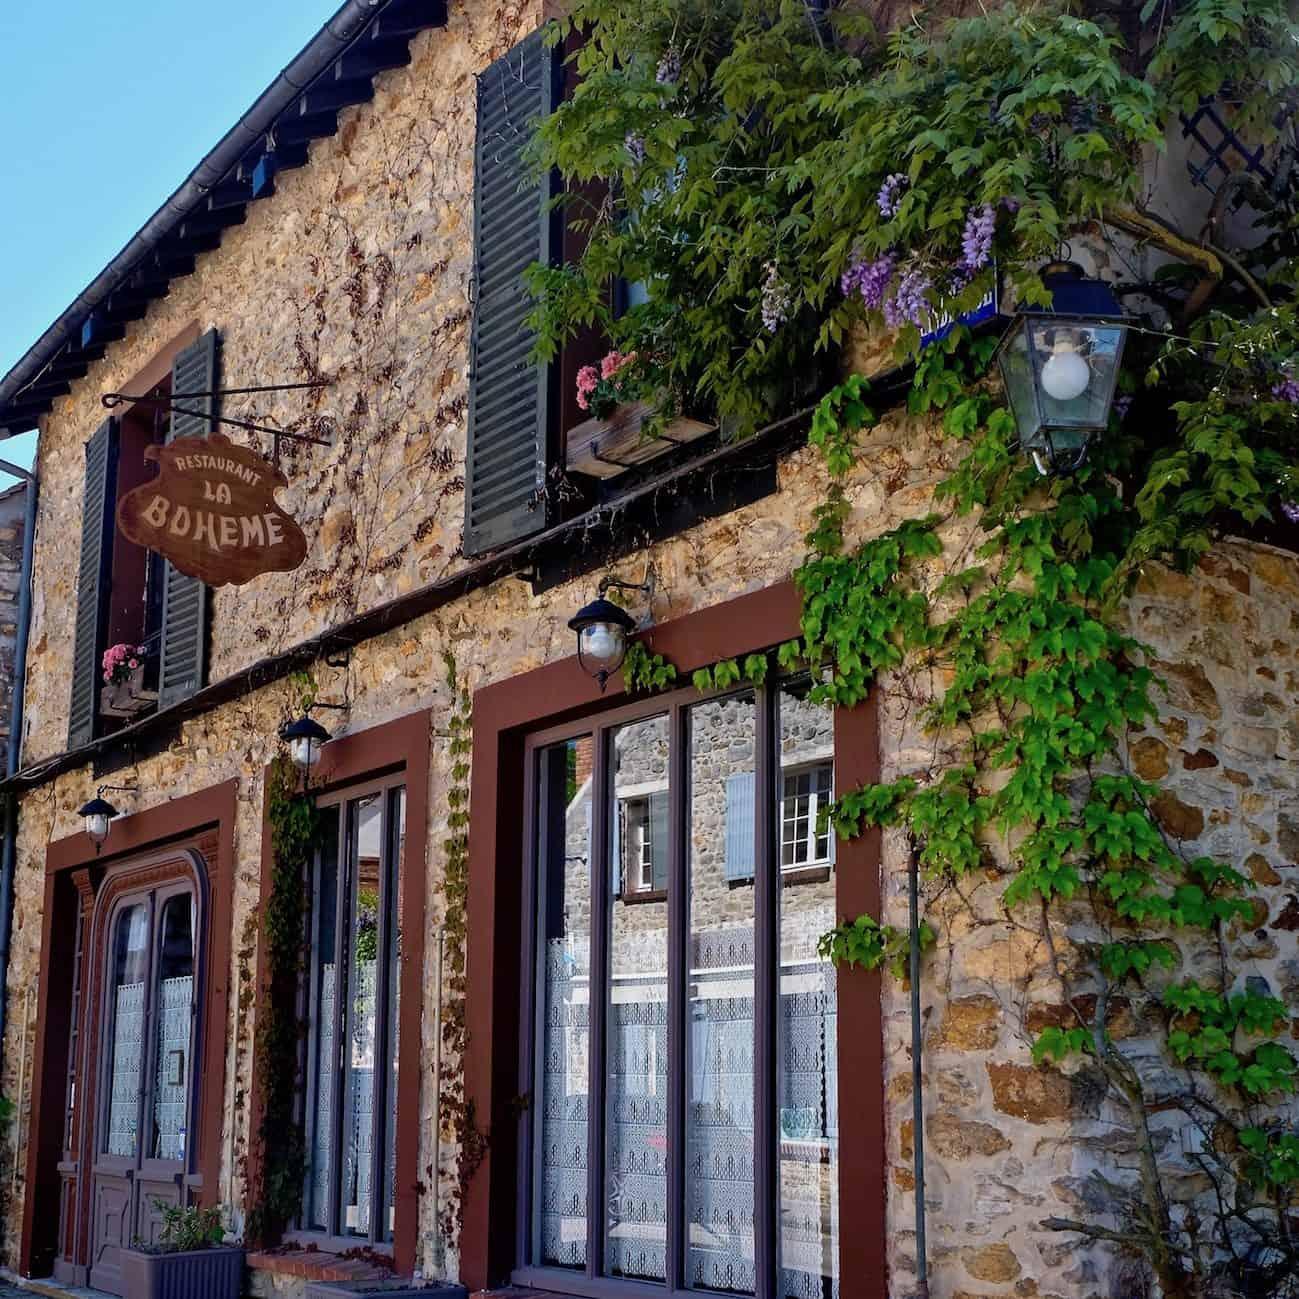 promenade-balade-ile-de-france-beaux-village-de-france-barbizon-foret-fontainebleau-77